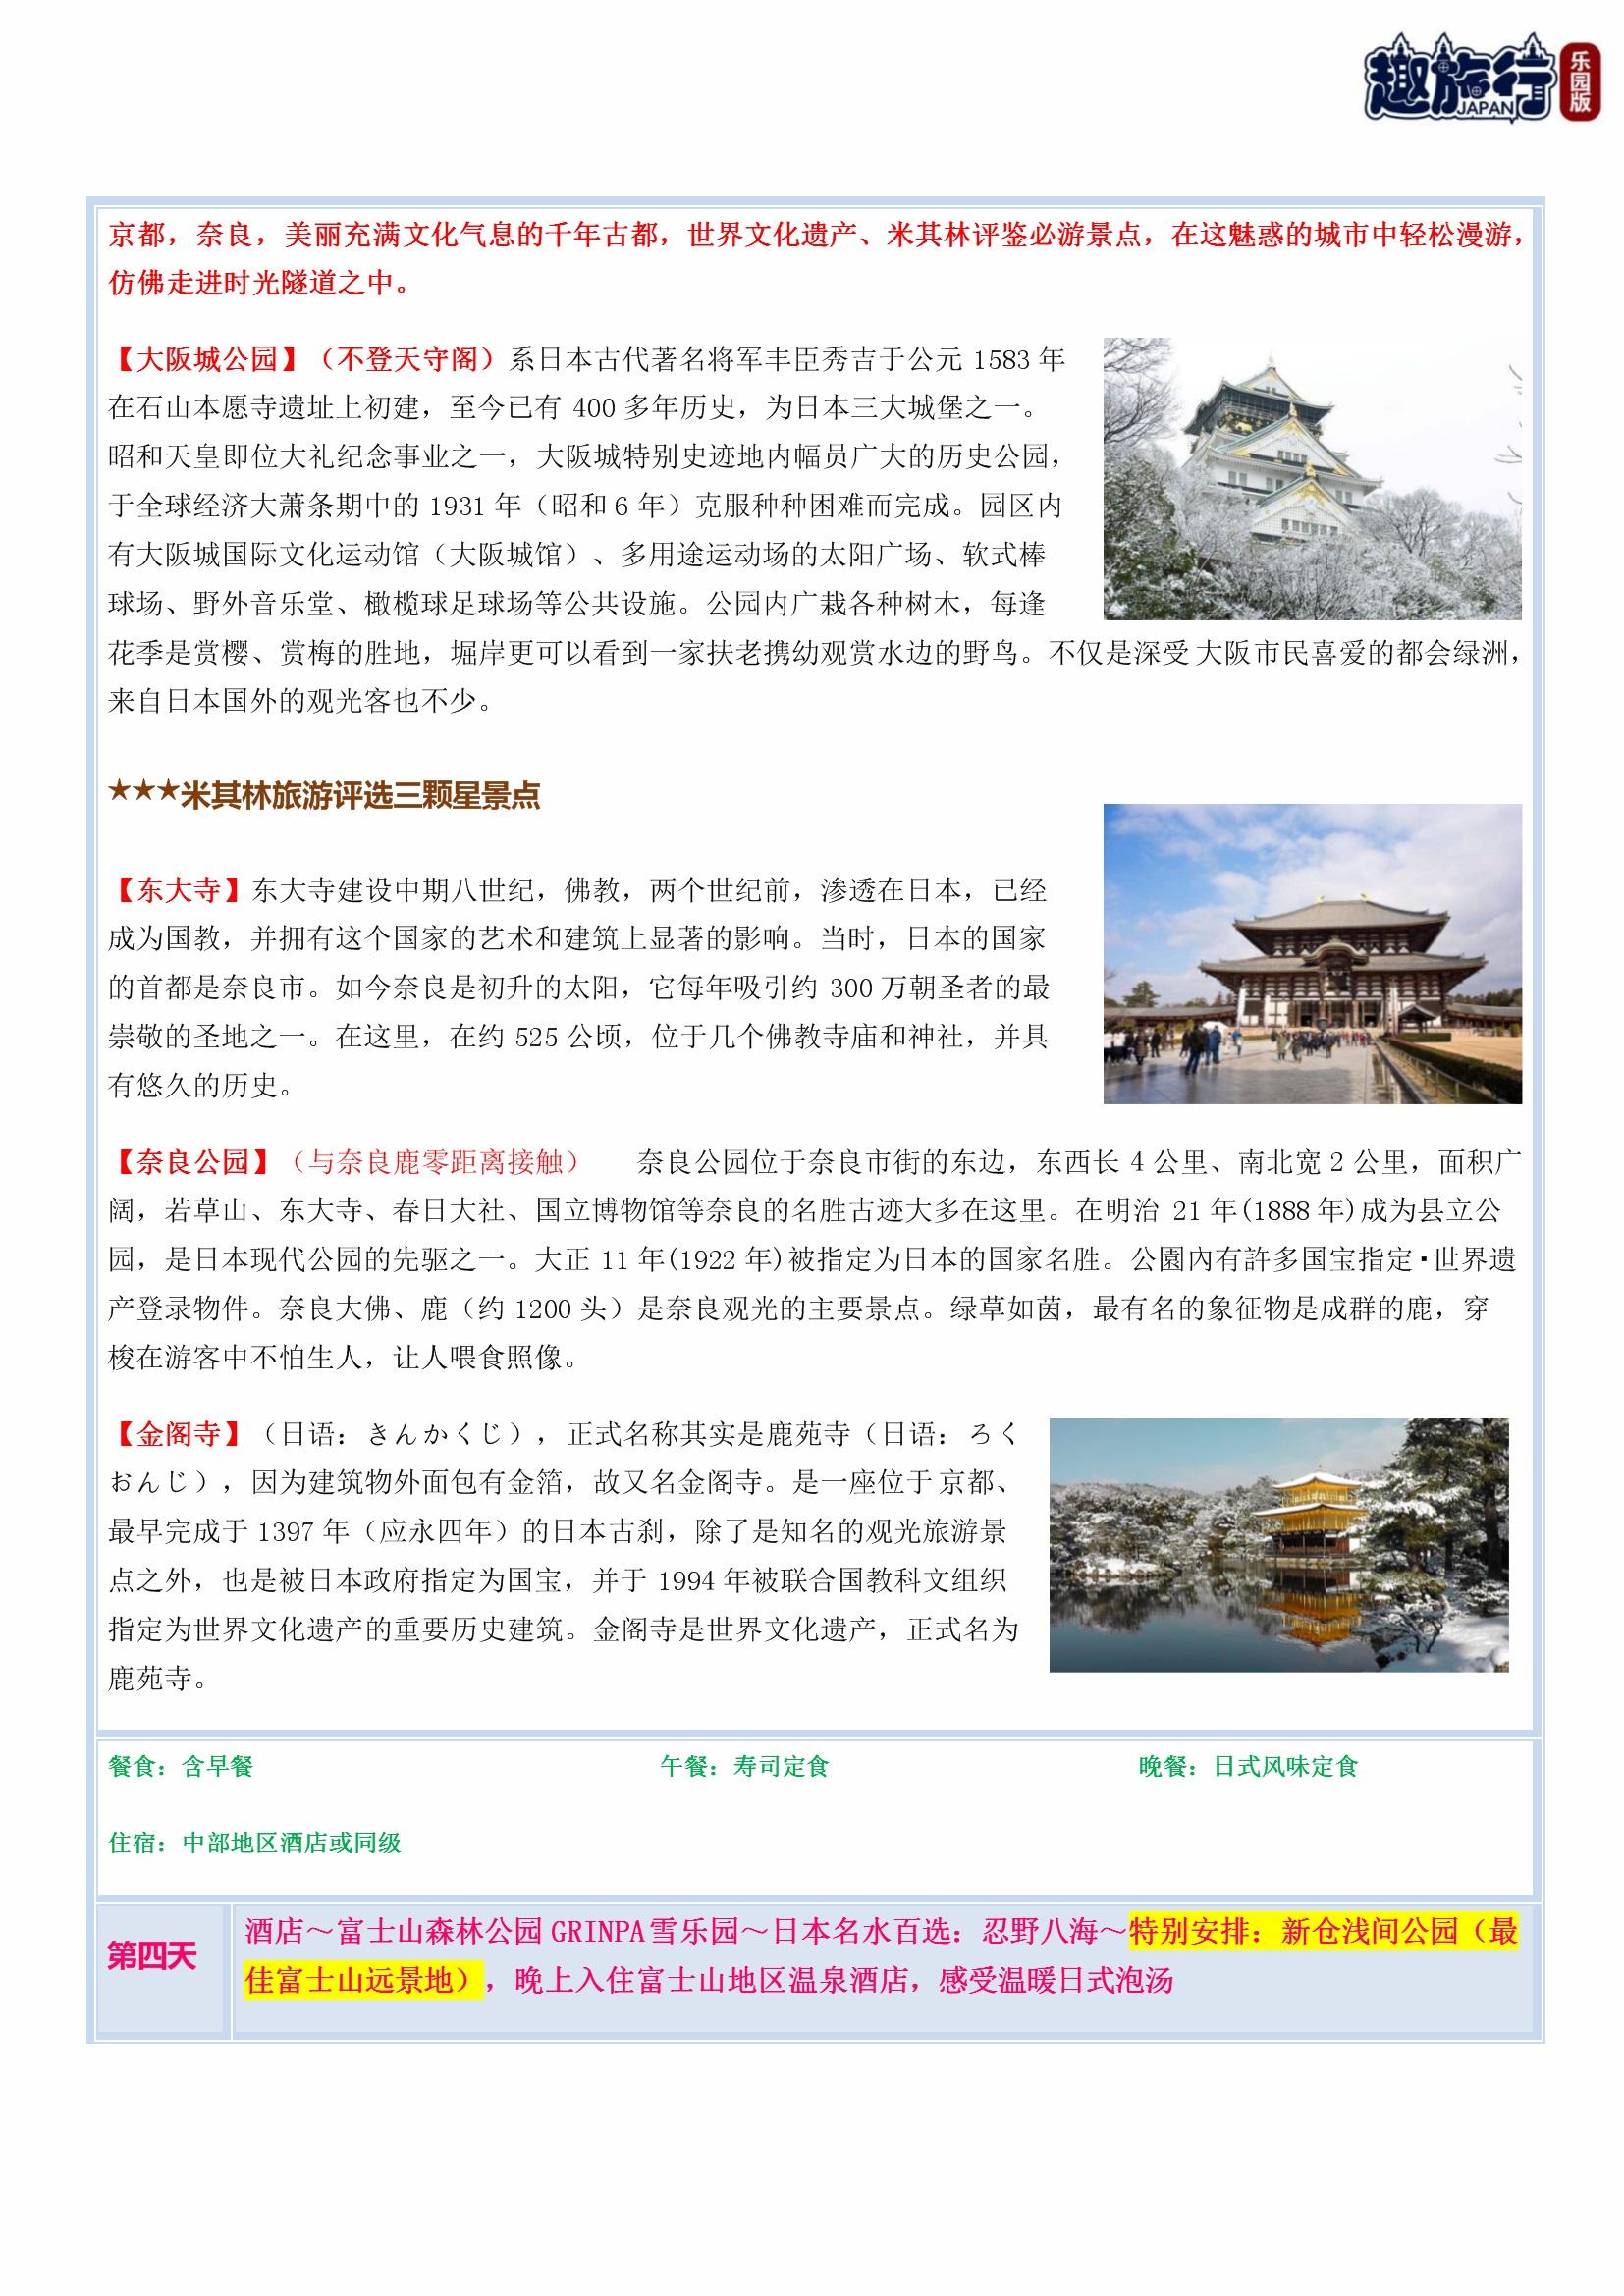 寒假双乐园 (10).jpg